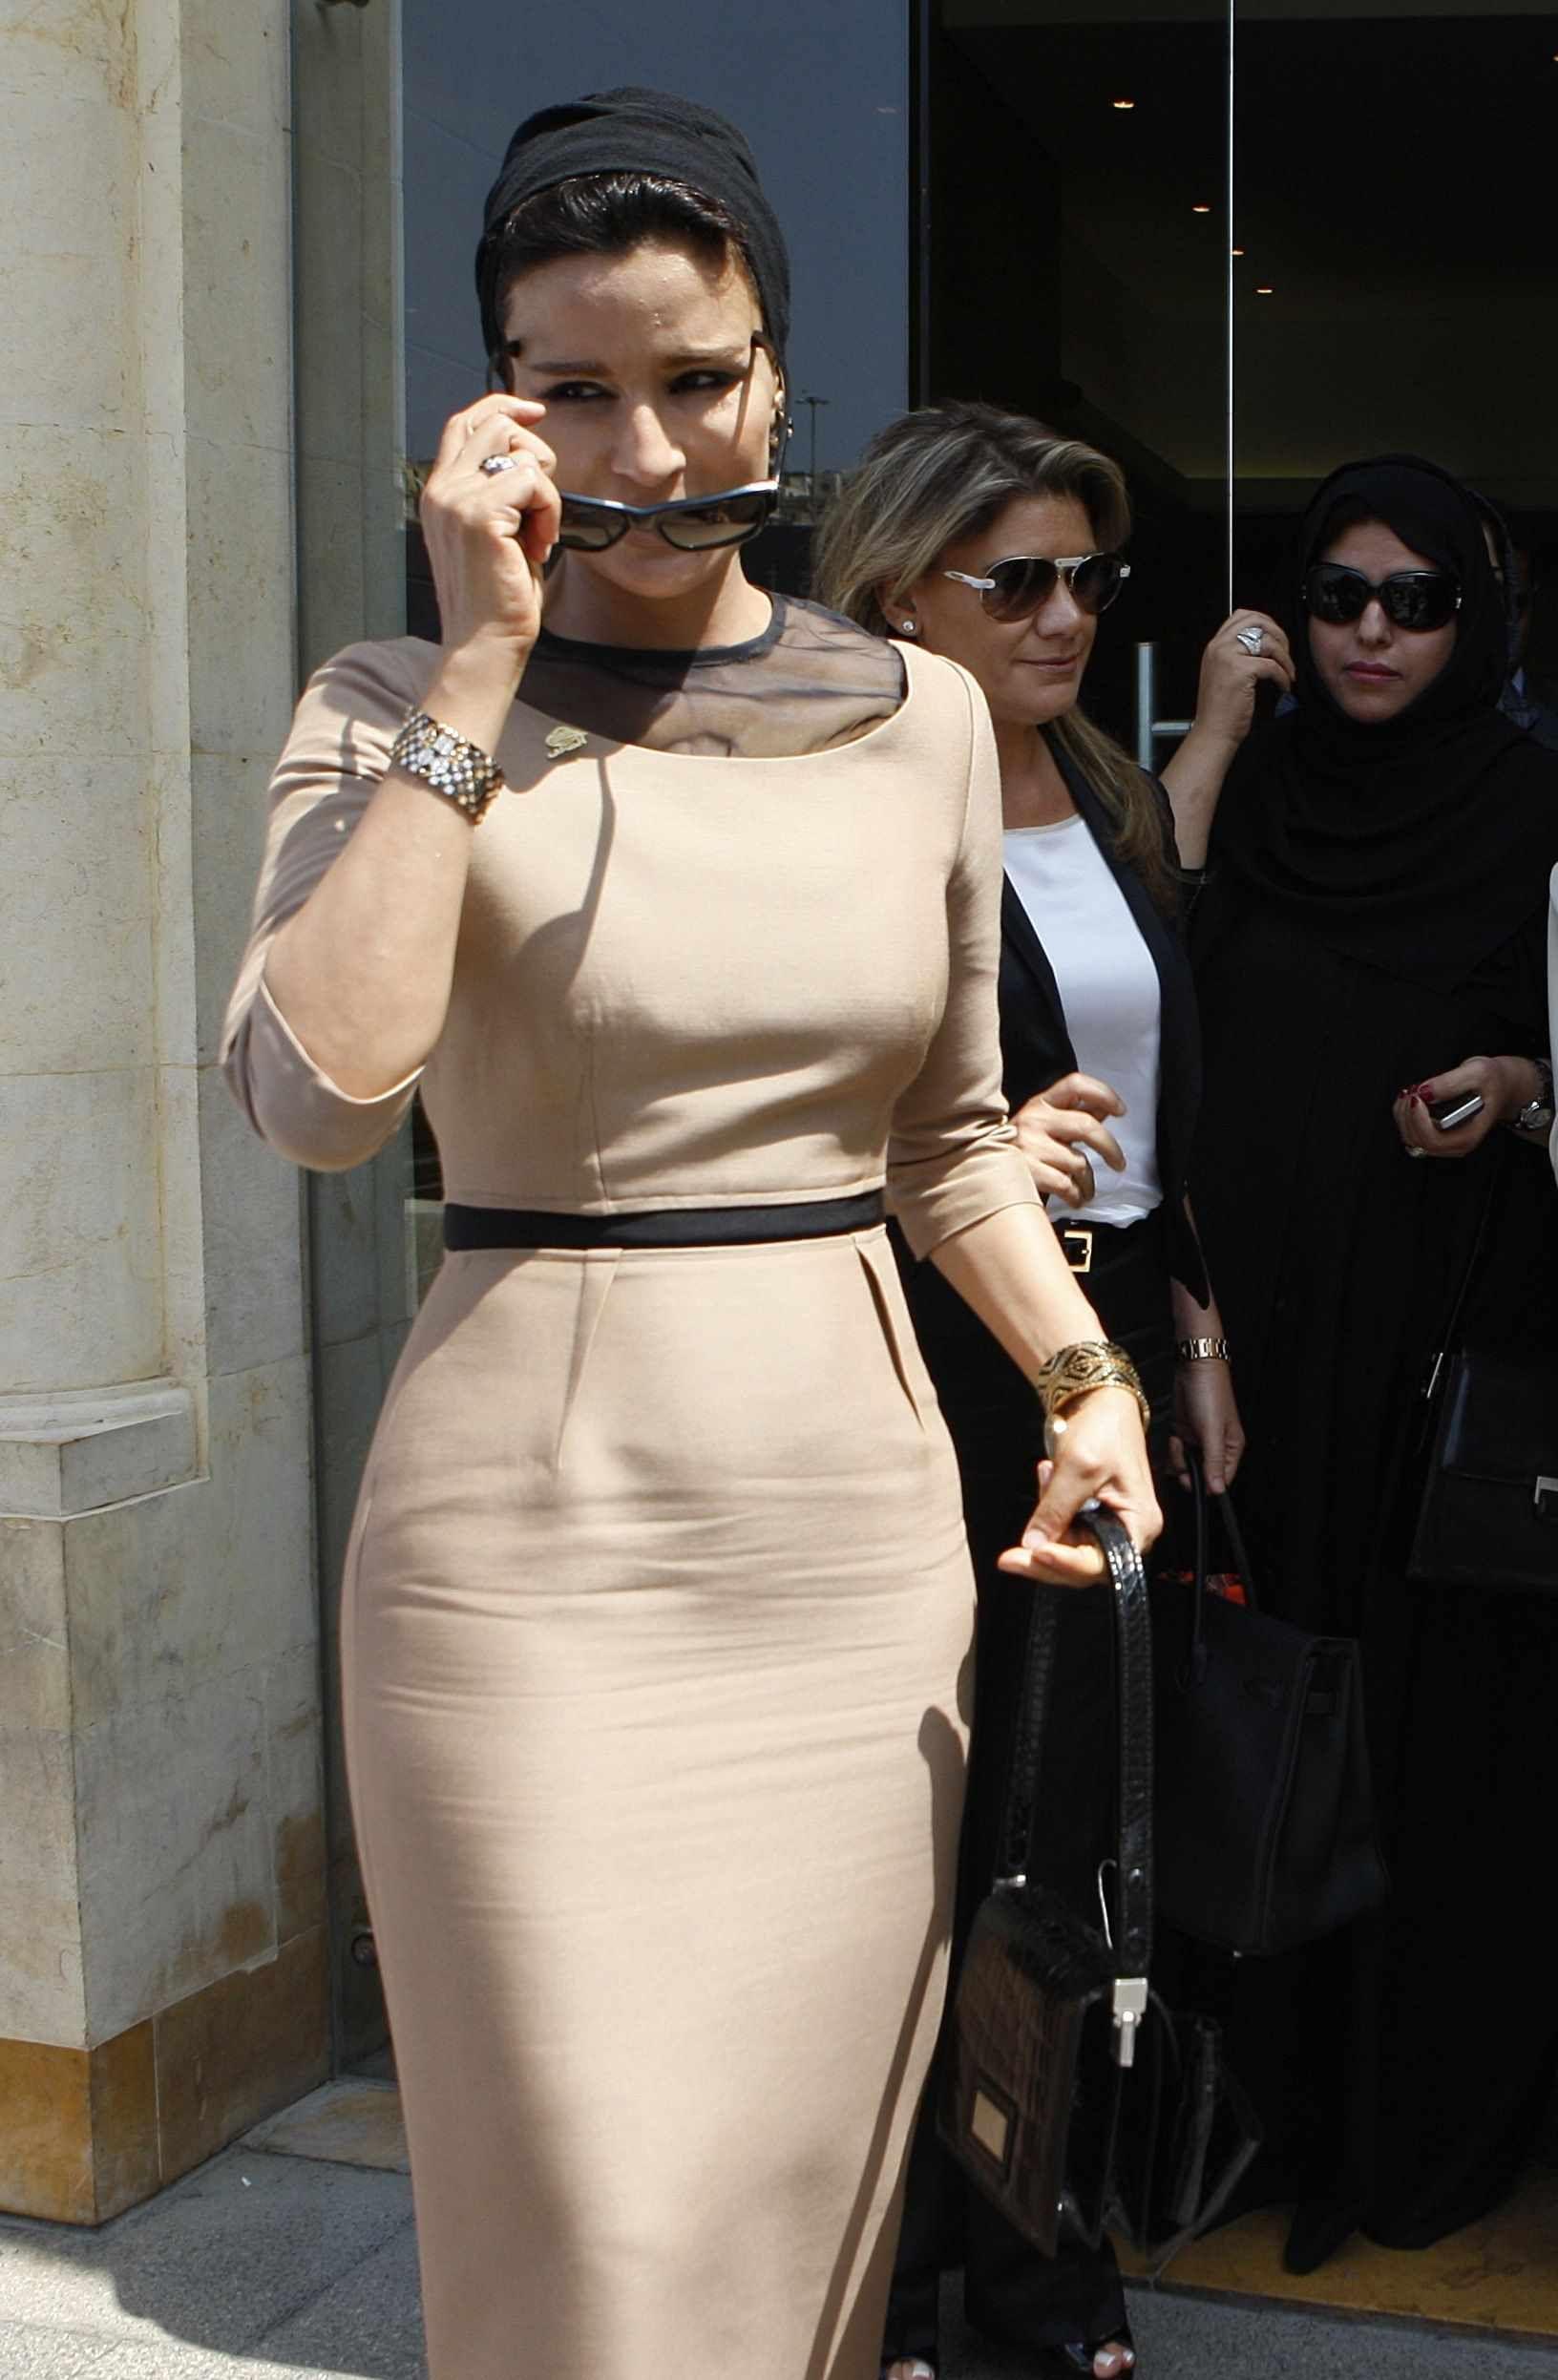 Naked model qatar, naked jailbate